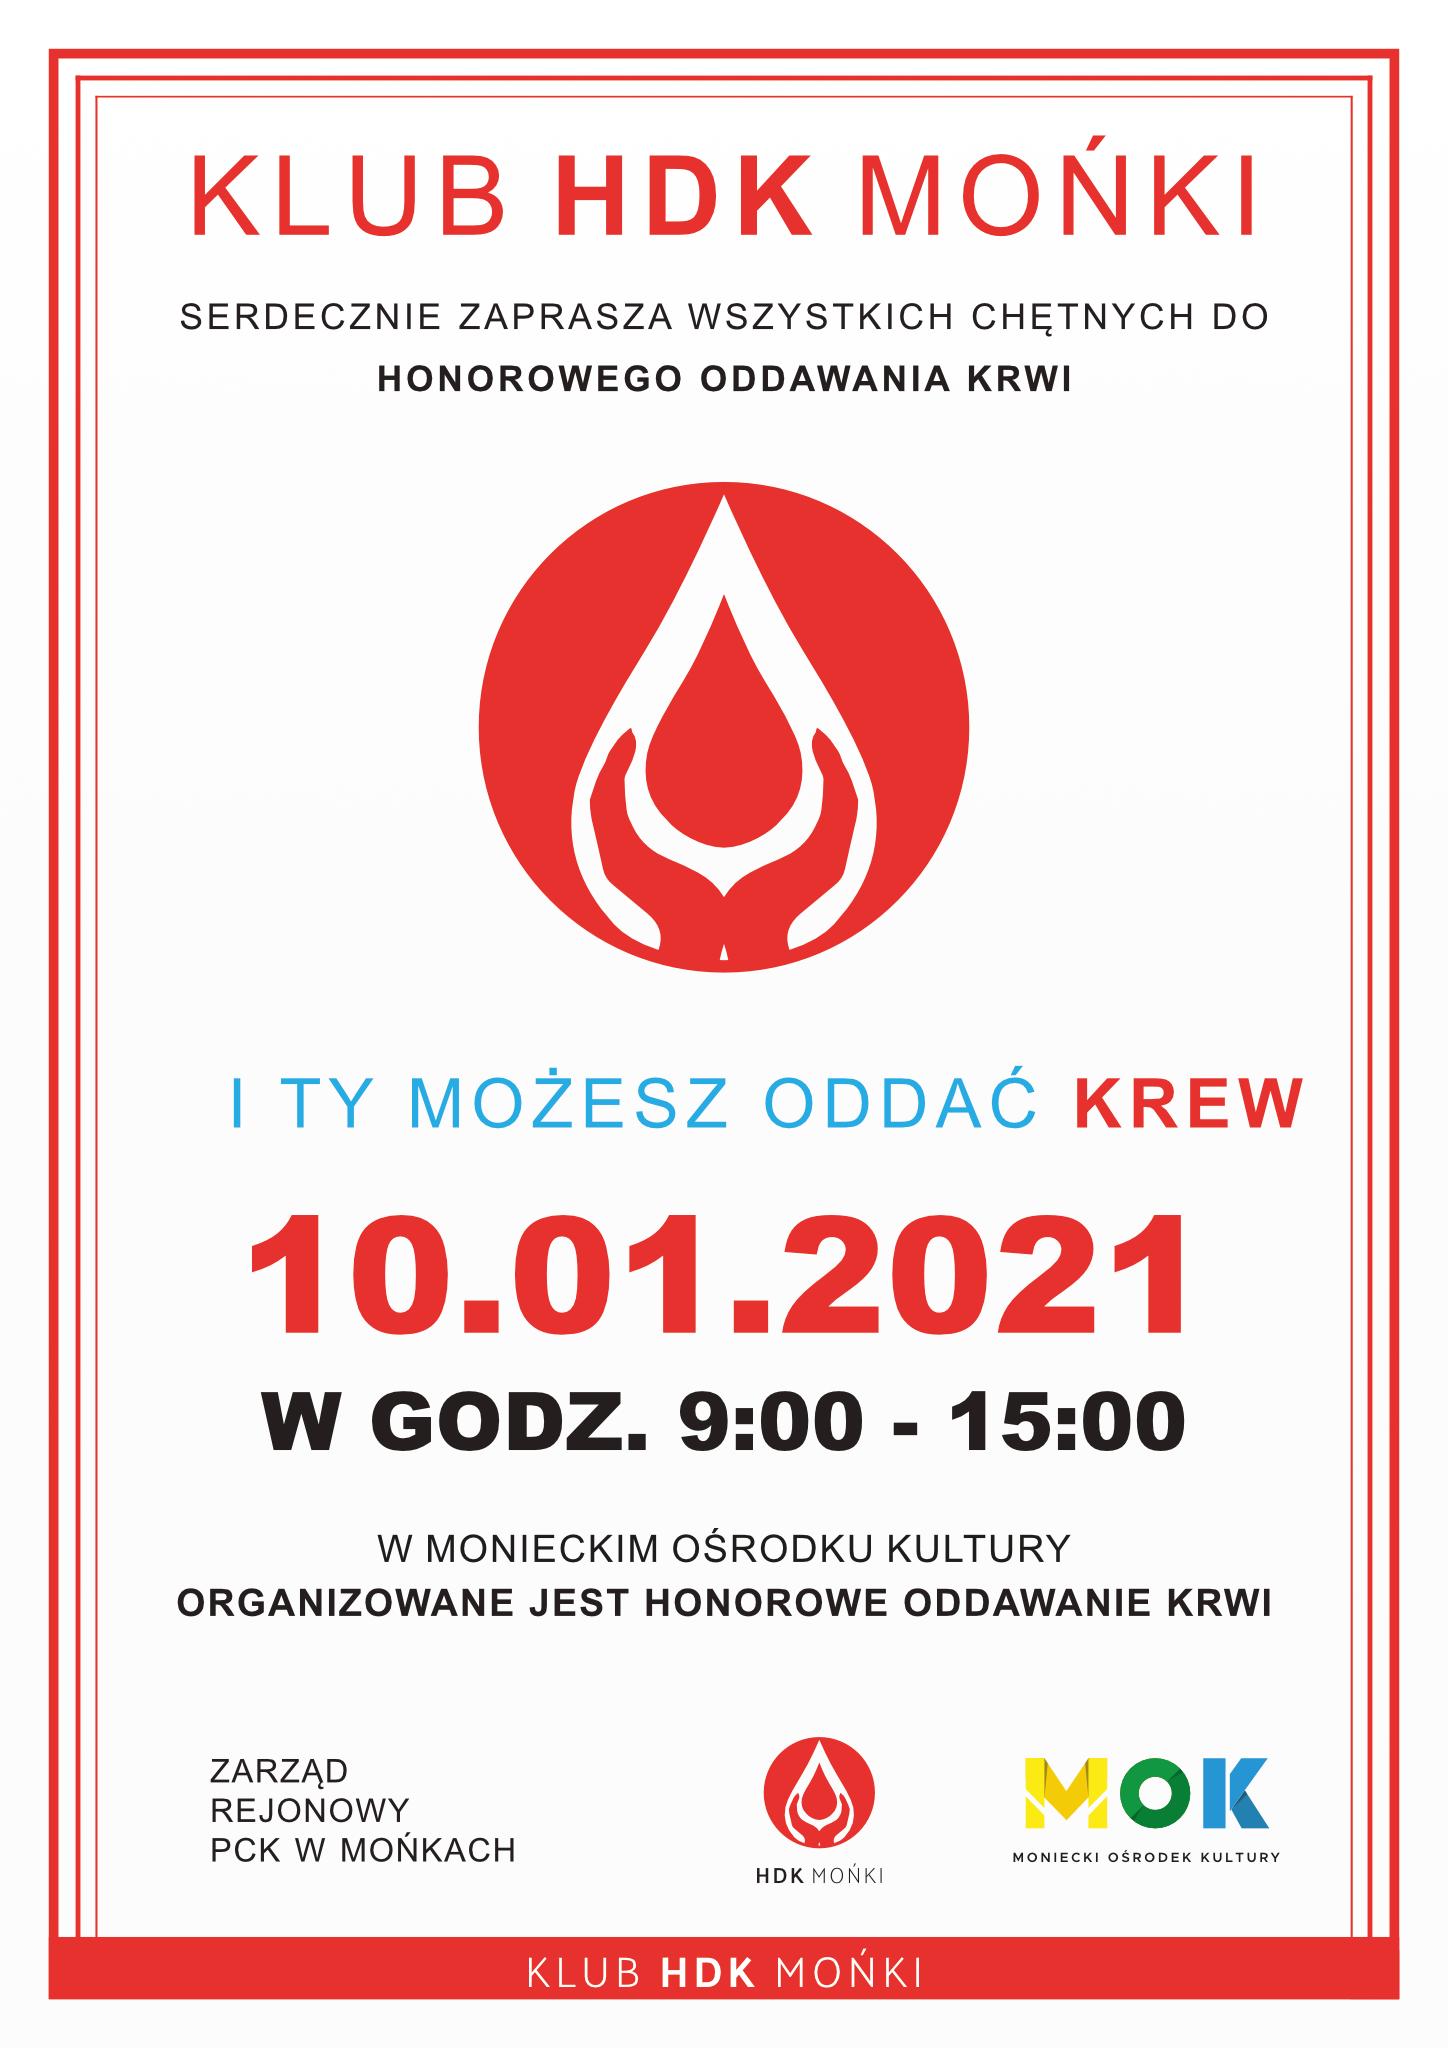 Plakat zapraszający krwiodawców do honorowego oddawania krwi w MOK 10 stycznia 2021 roku.